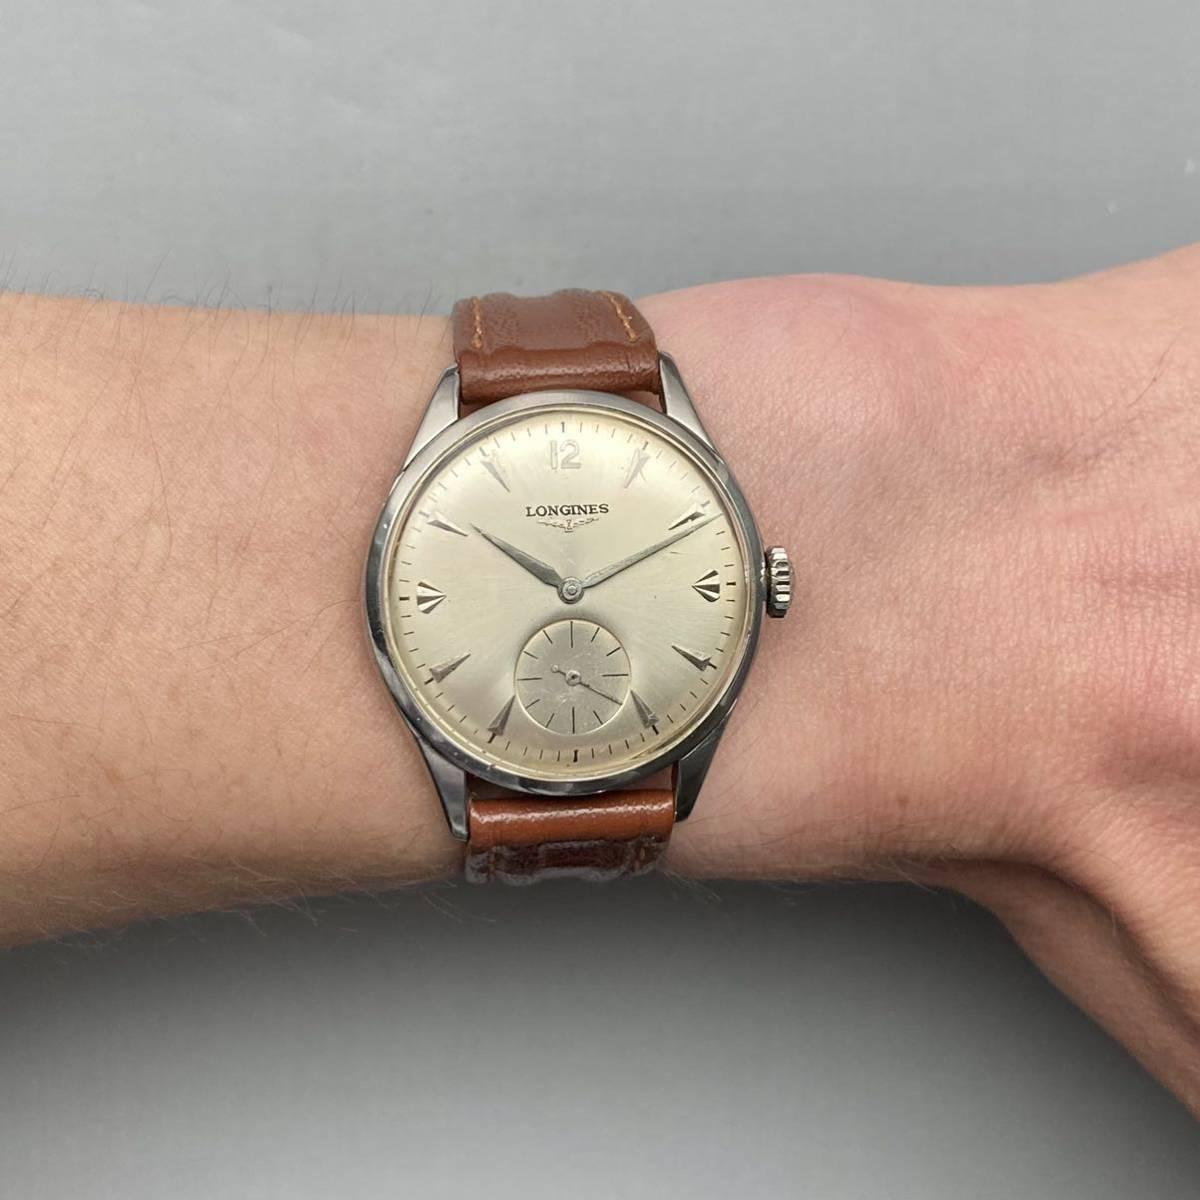 動作良好★ロンジン アンティーク 腕時計 1950年代 メンズ 手巻き cal.12.68Z ケース径33㎜ LONGINES ビンテージ ウォッチ 男性 スイス_画像10